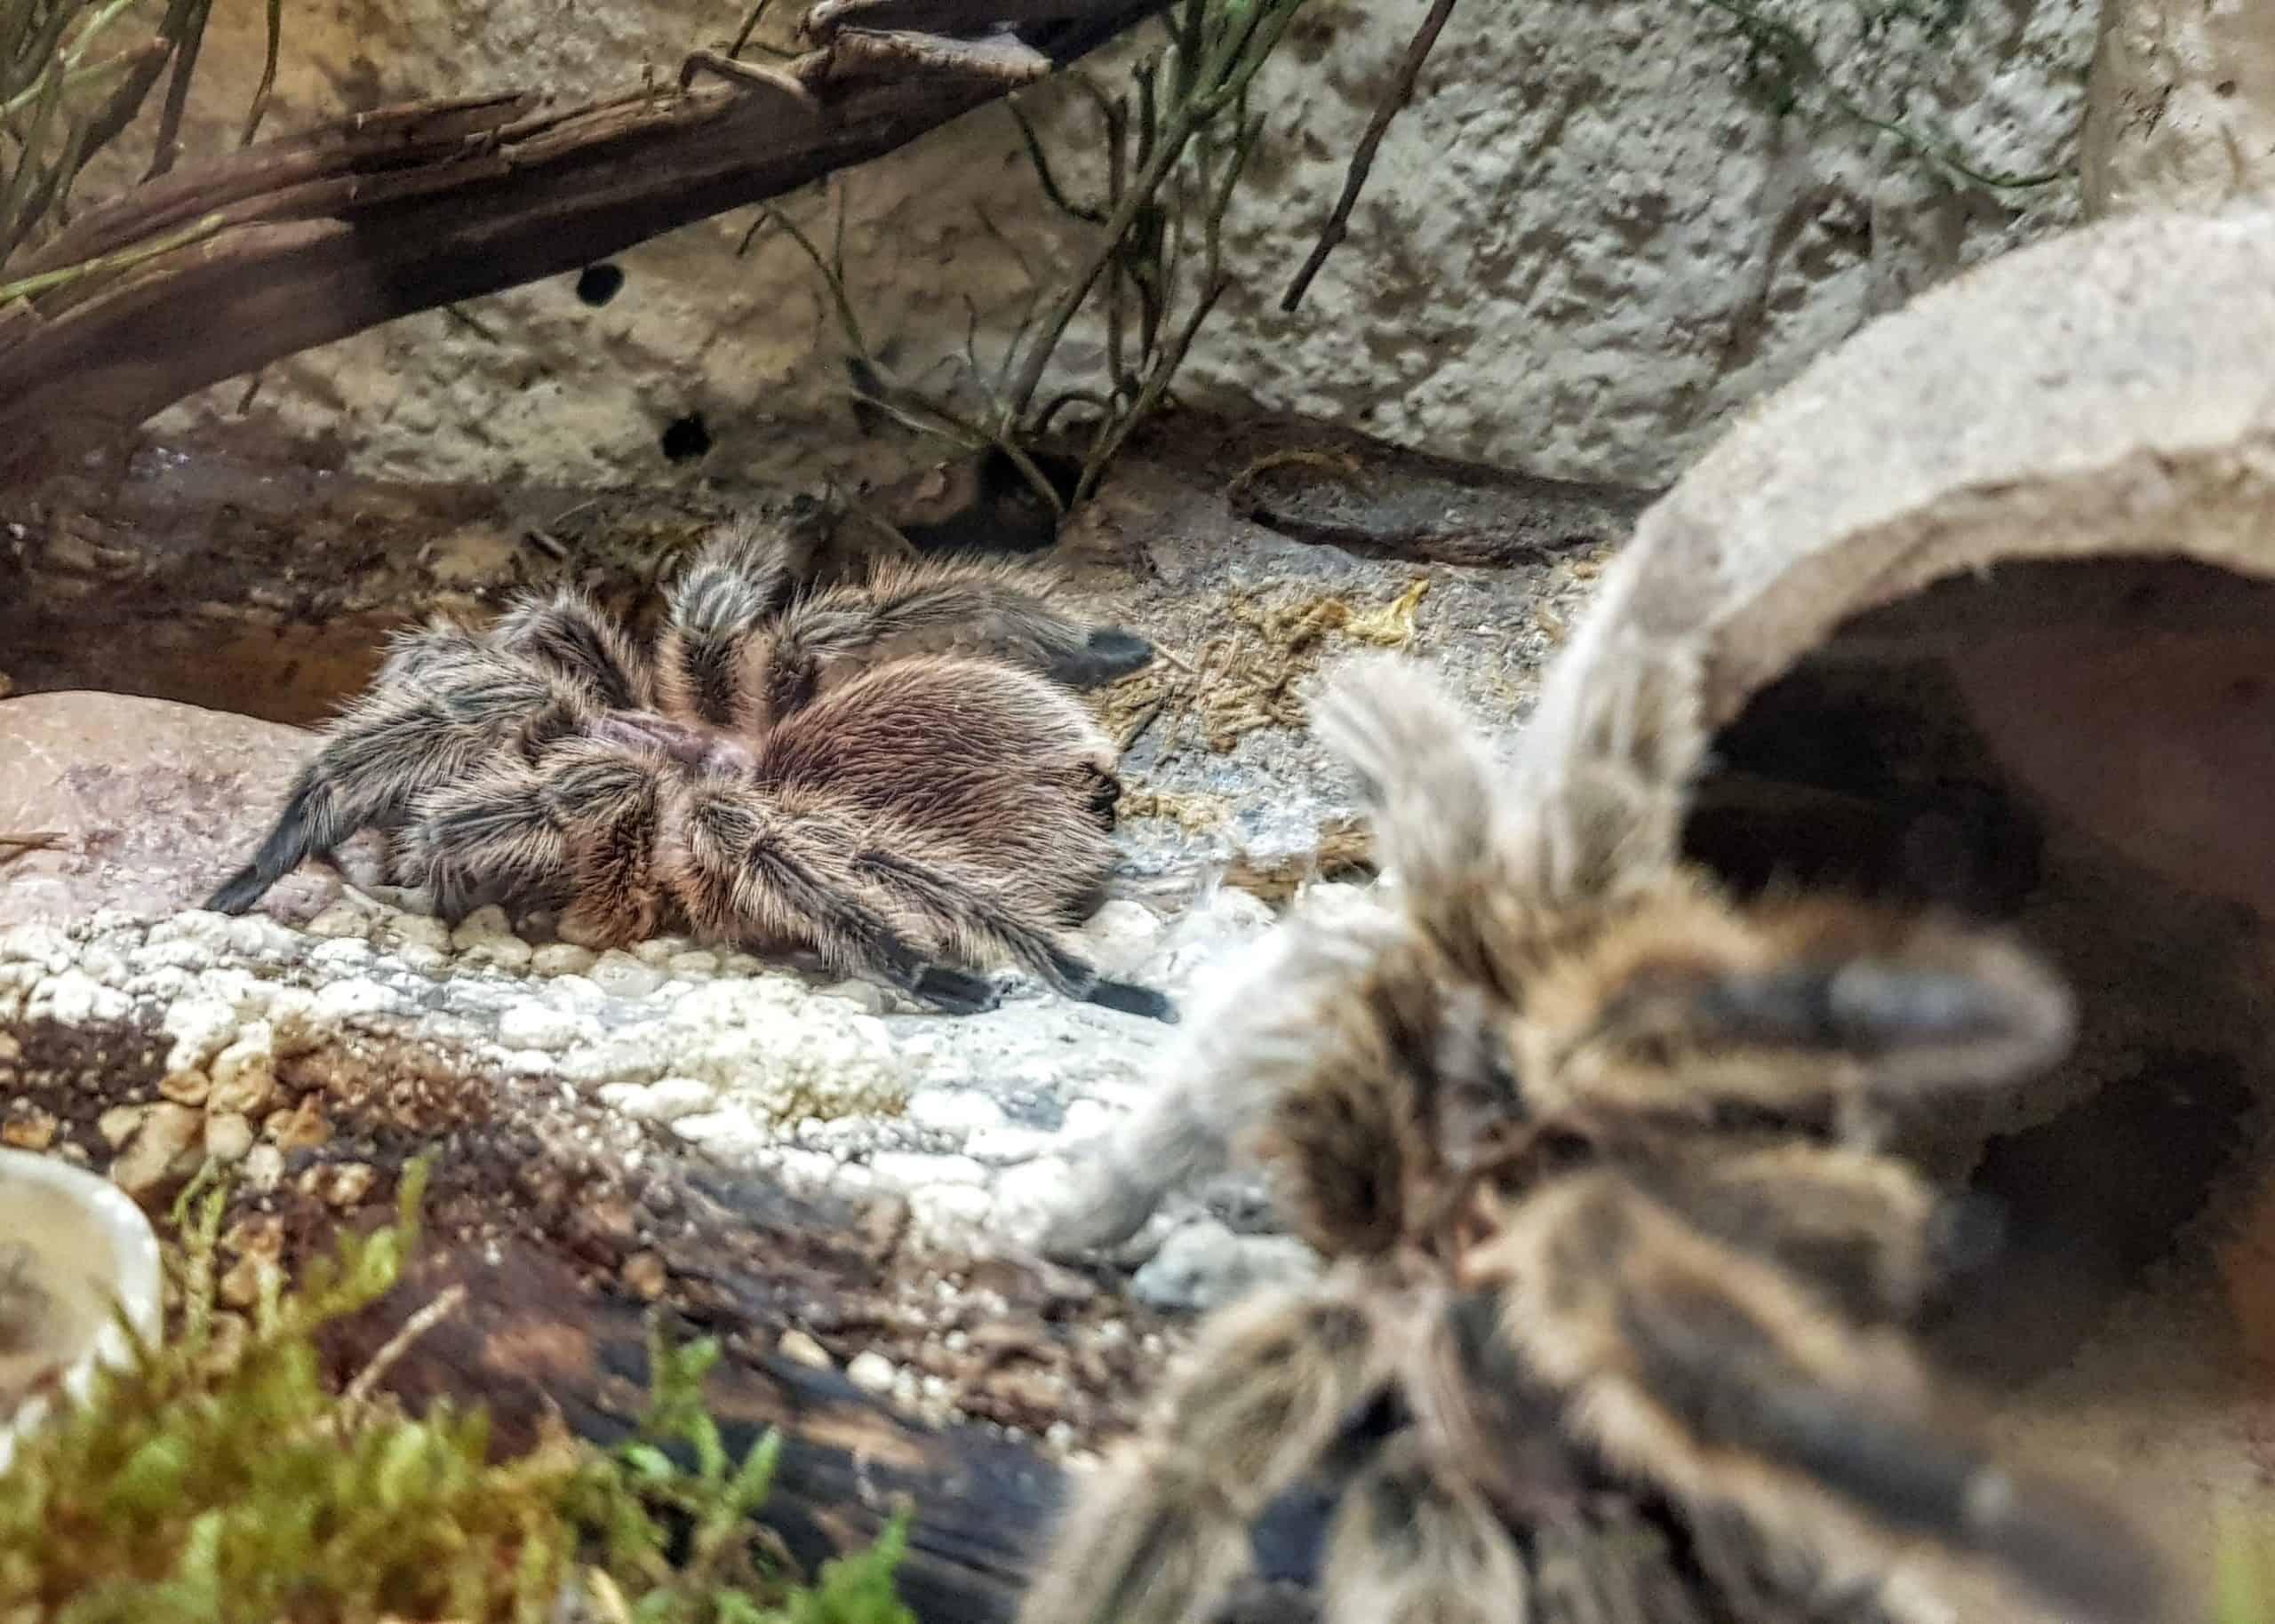 Vogelspinnen im Reptilienzoo Happ. Patenschaften für Spinnen und Reptilien möglich. Ausflugsziel in Kärnten am Wörthersee